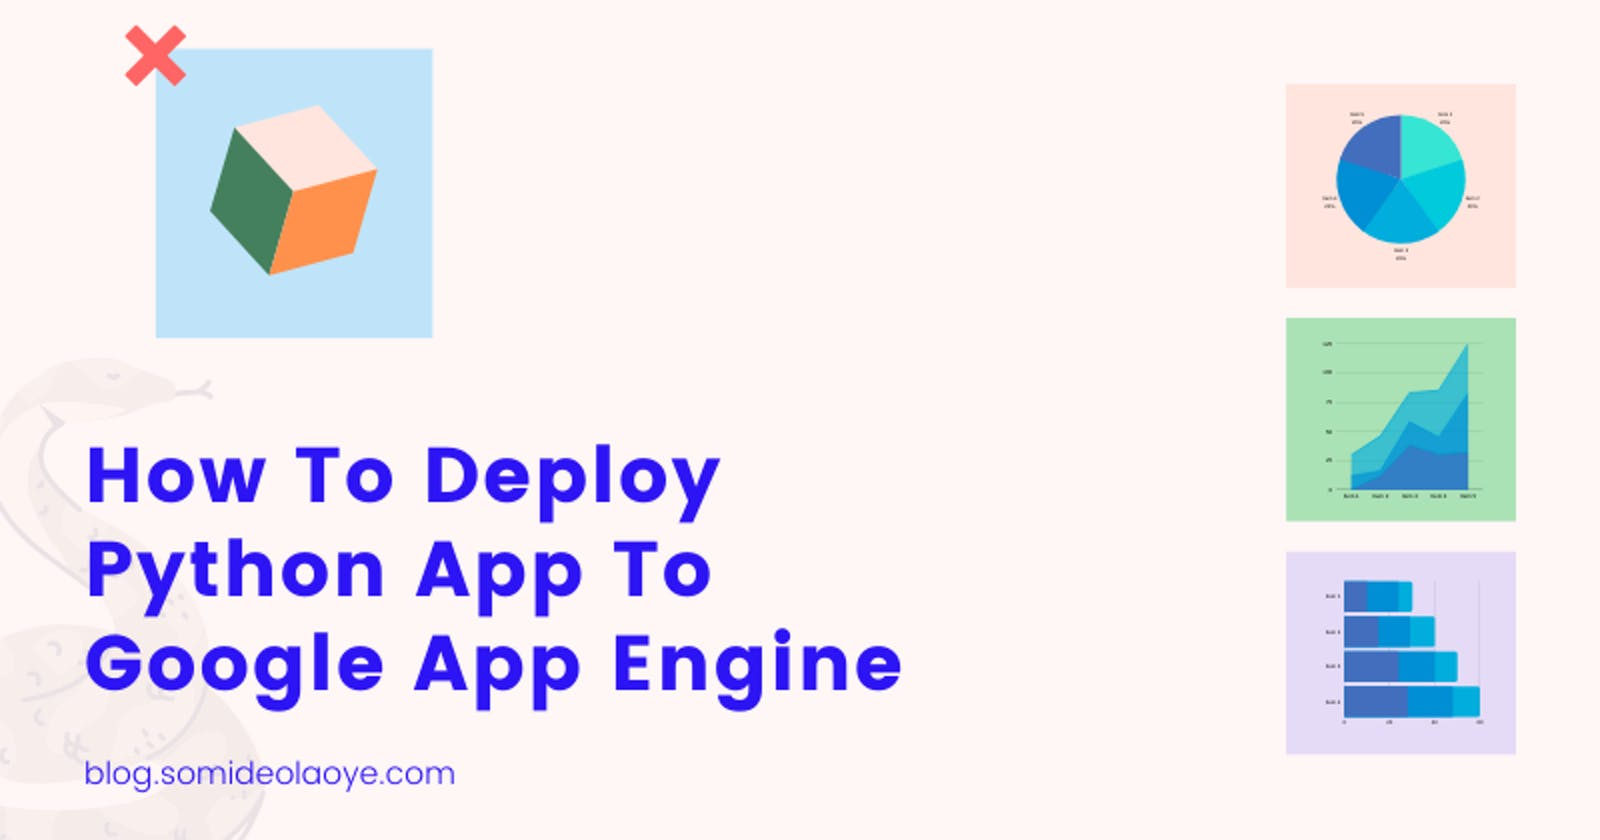 How To Deploy Python App To Google App Engine